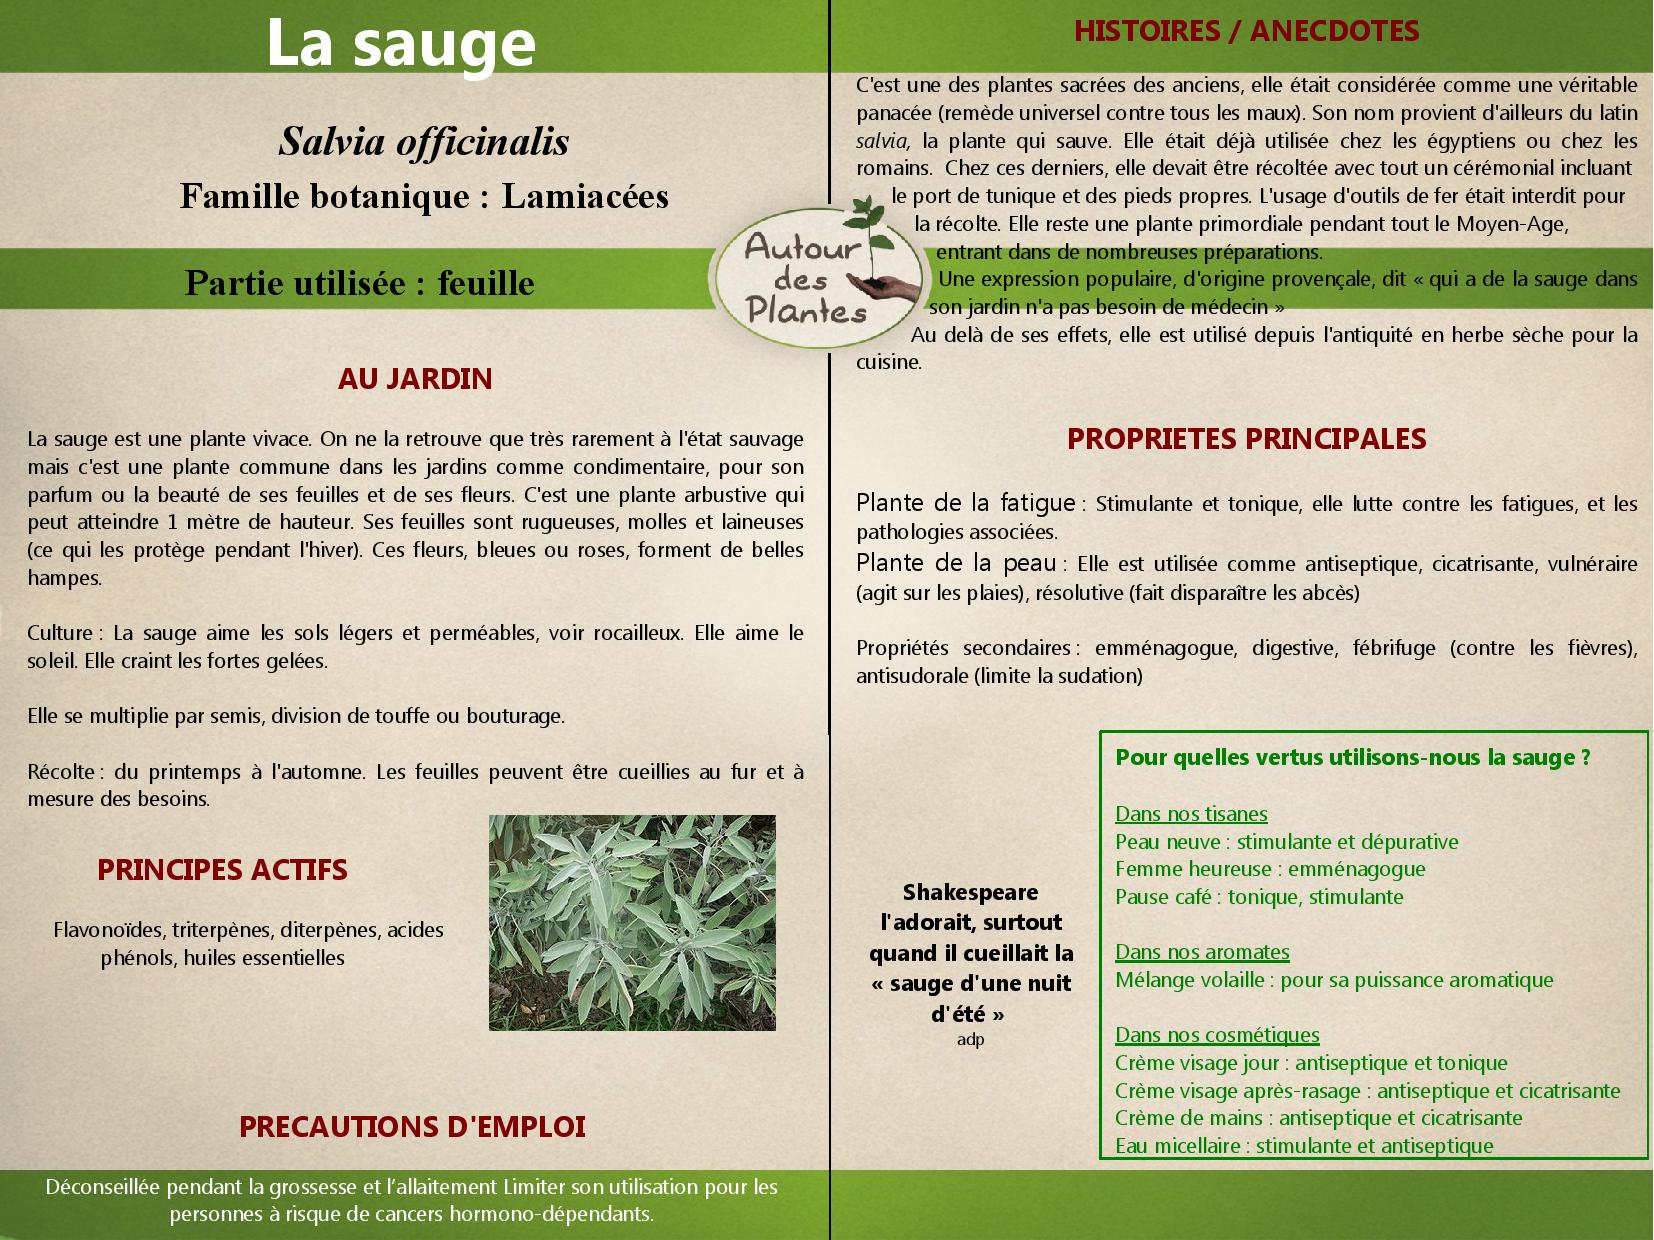 La sauge page 001